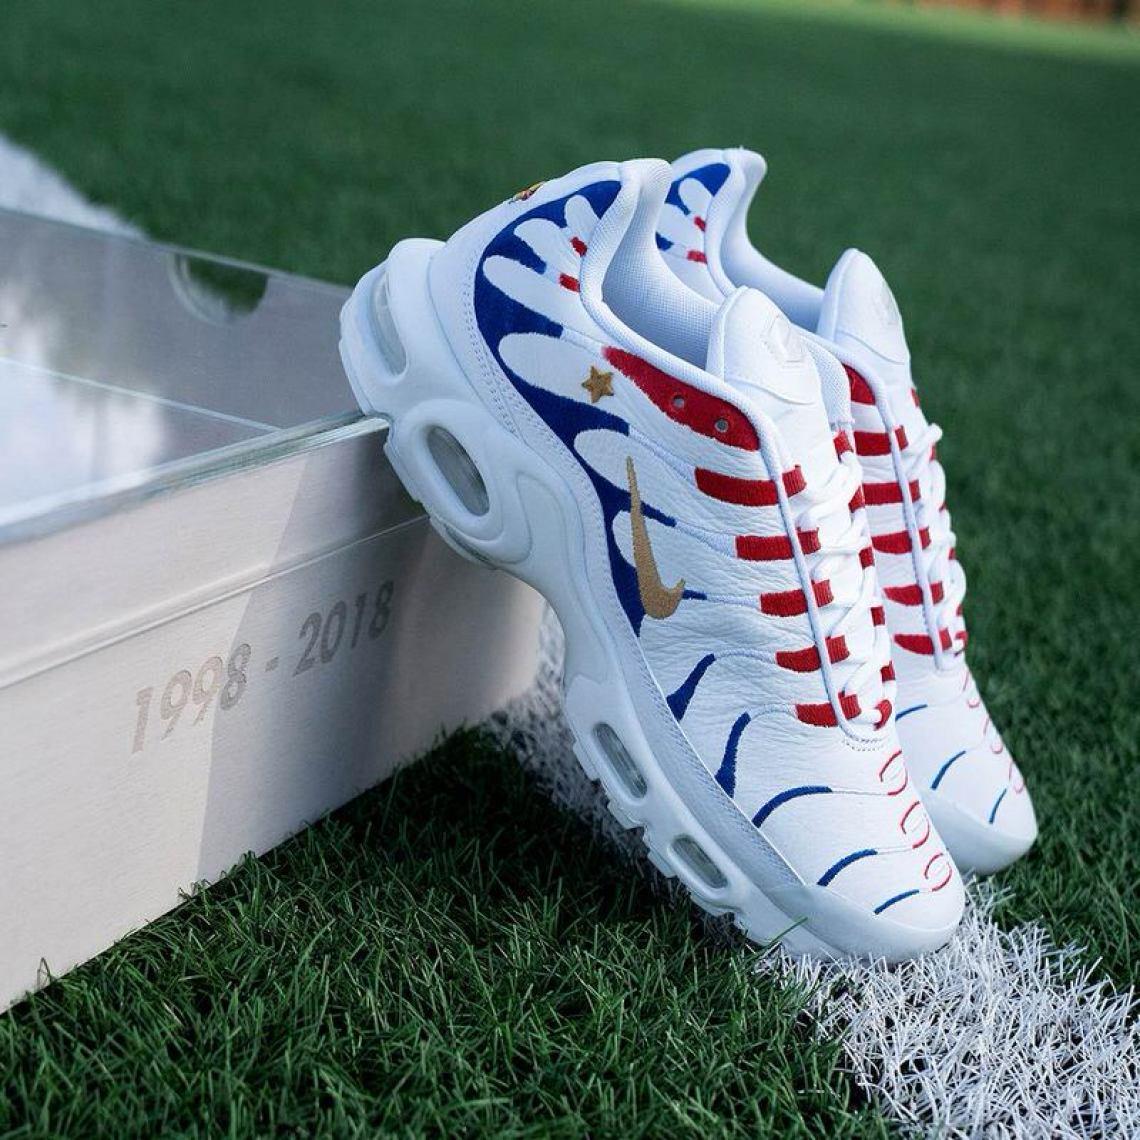 """Kylian Mbappe x Nike Air Max """"1998-2018"""" Pack"""